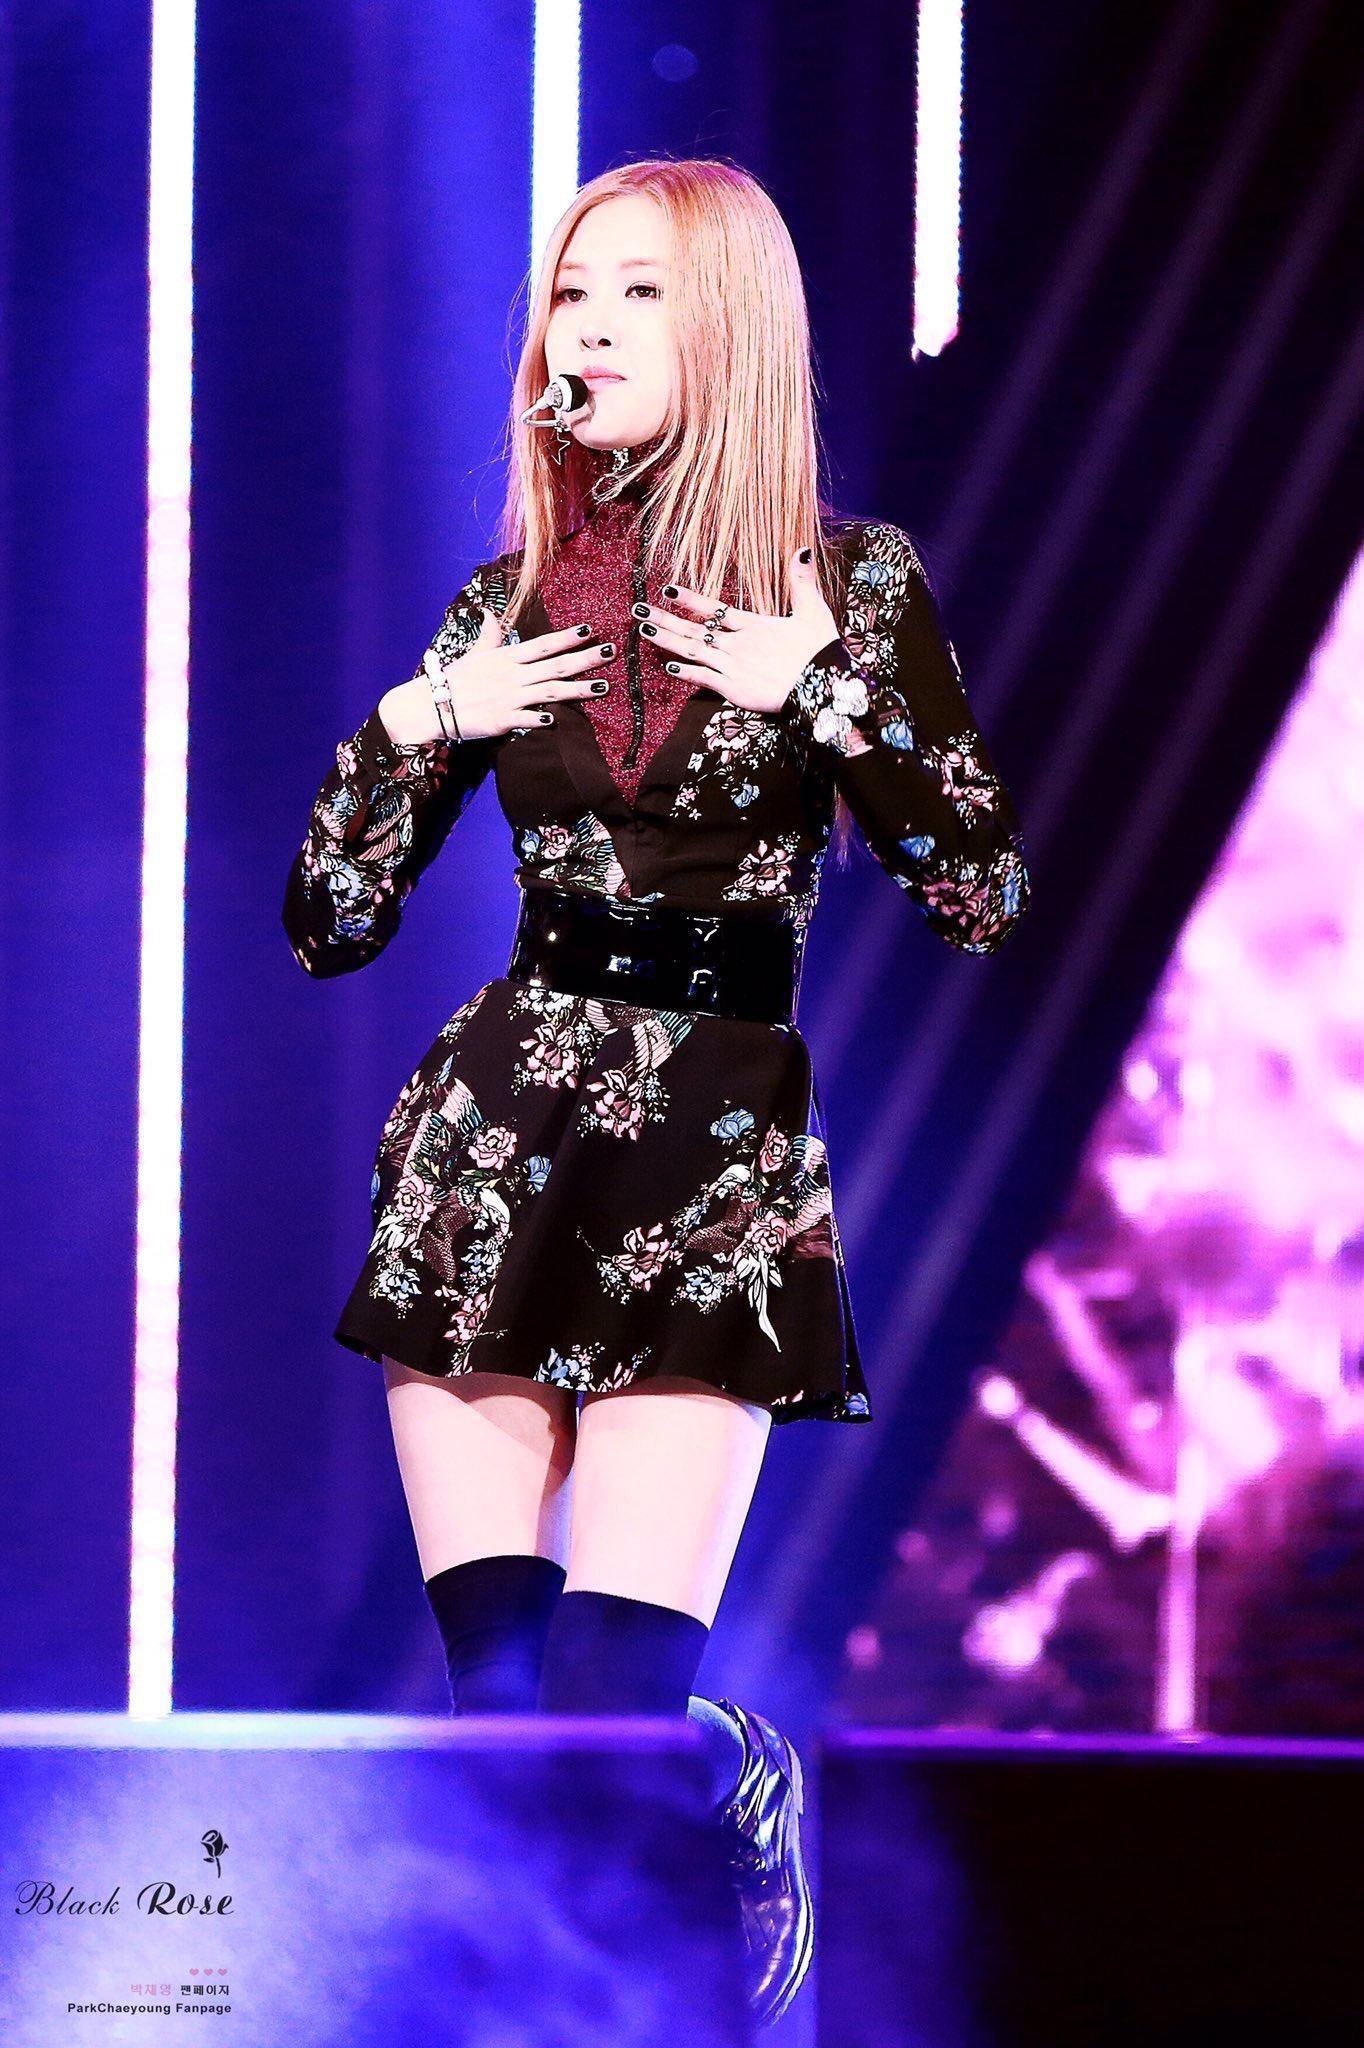 impressive blackpink rose stage outfits 1